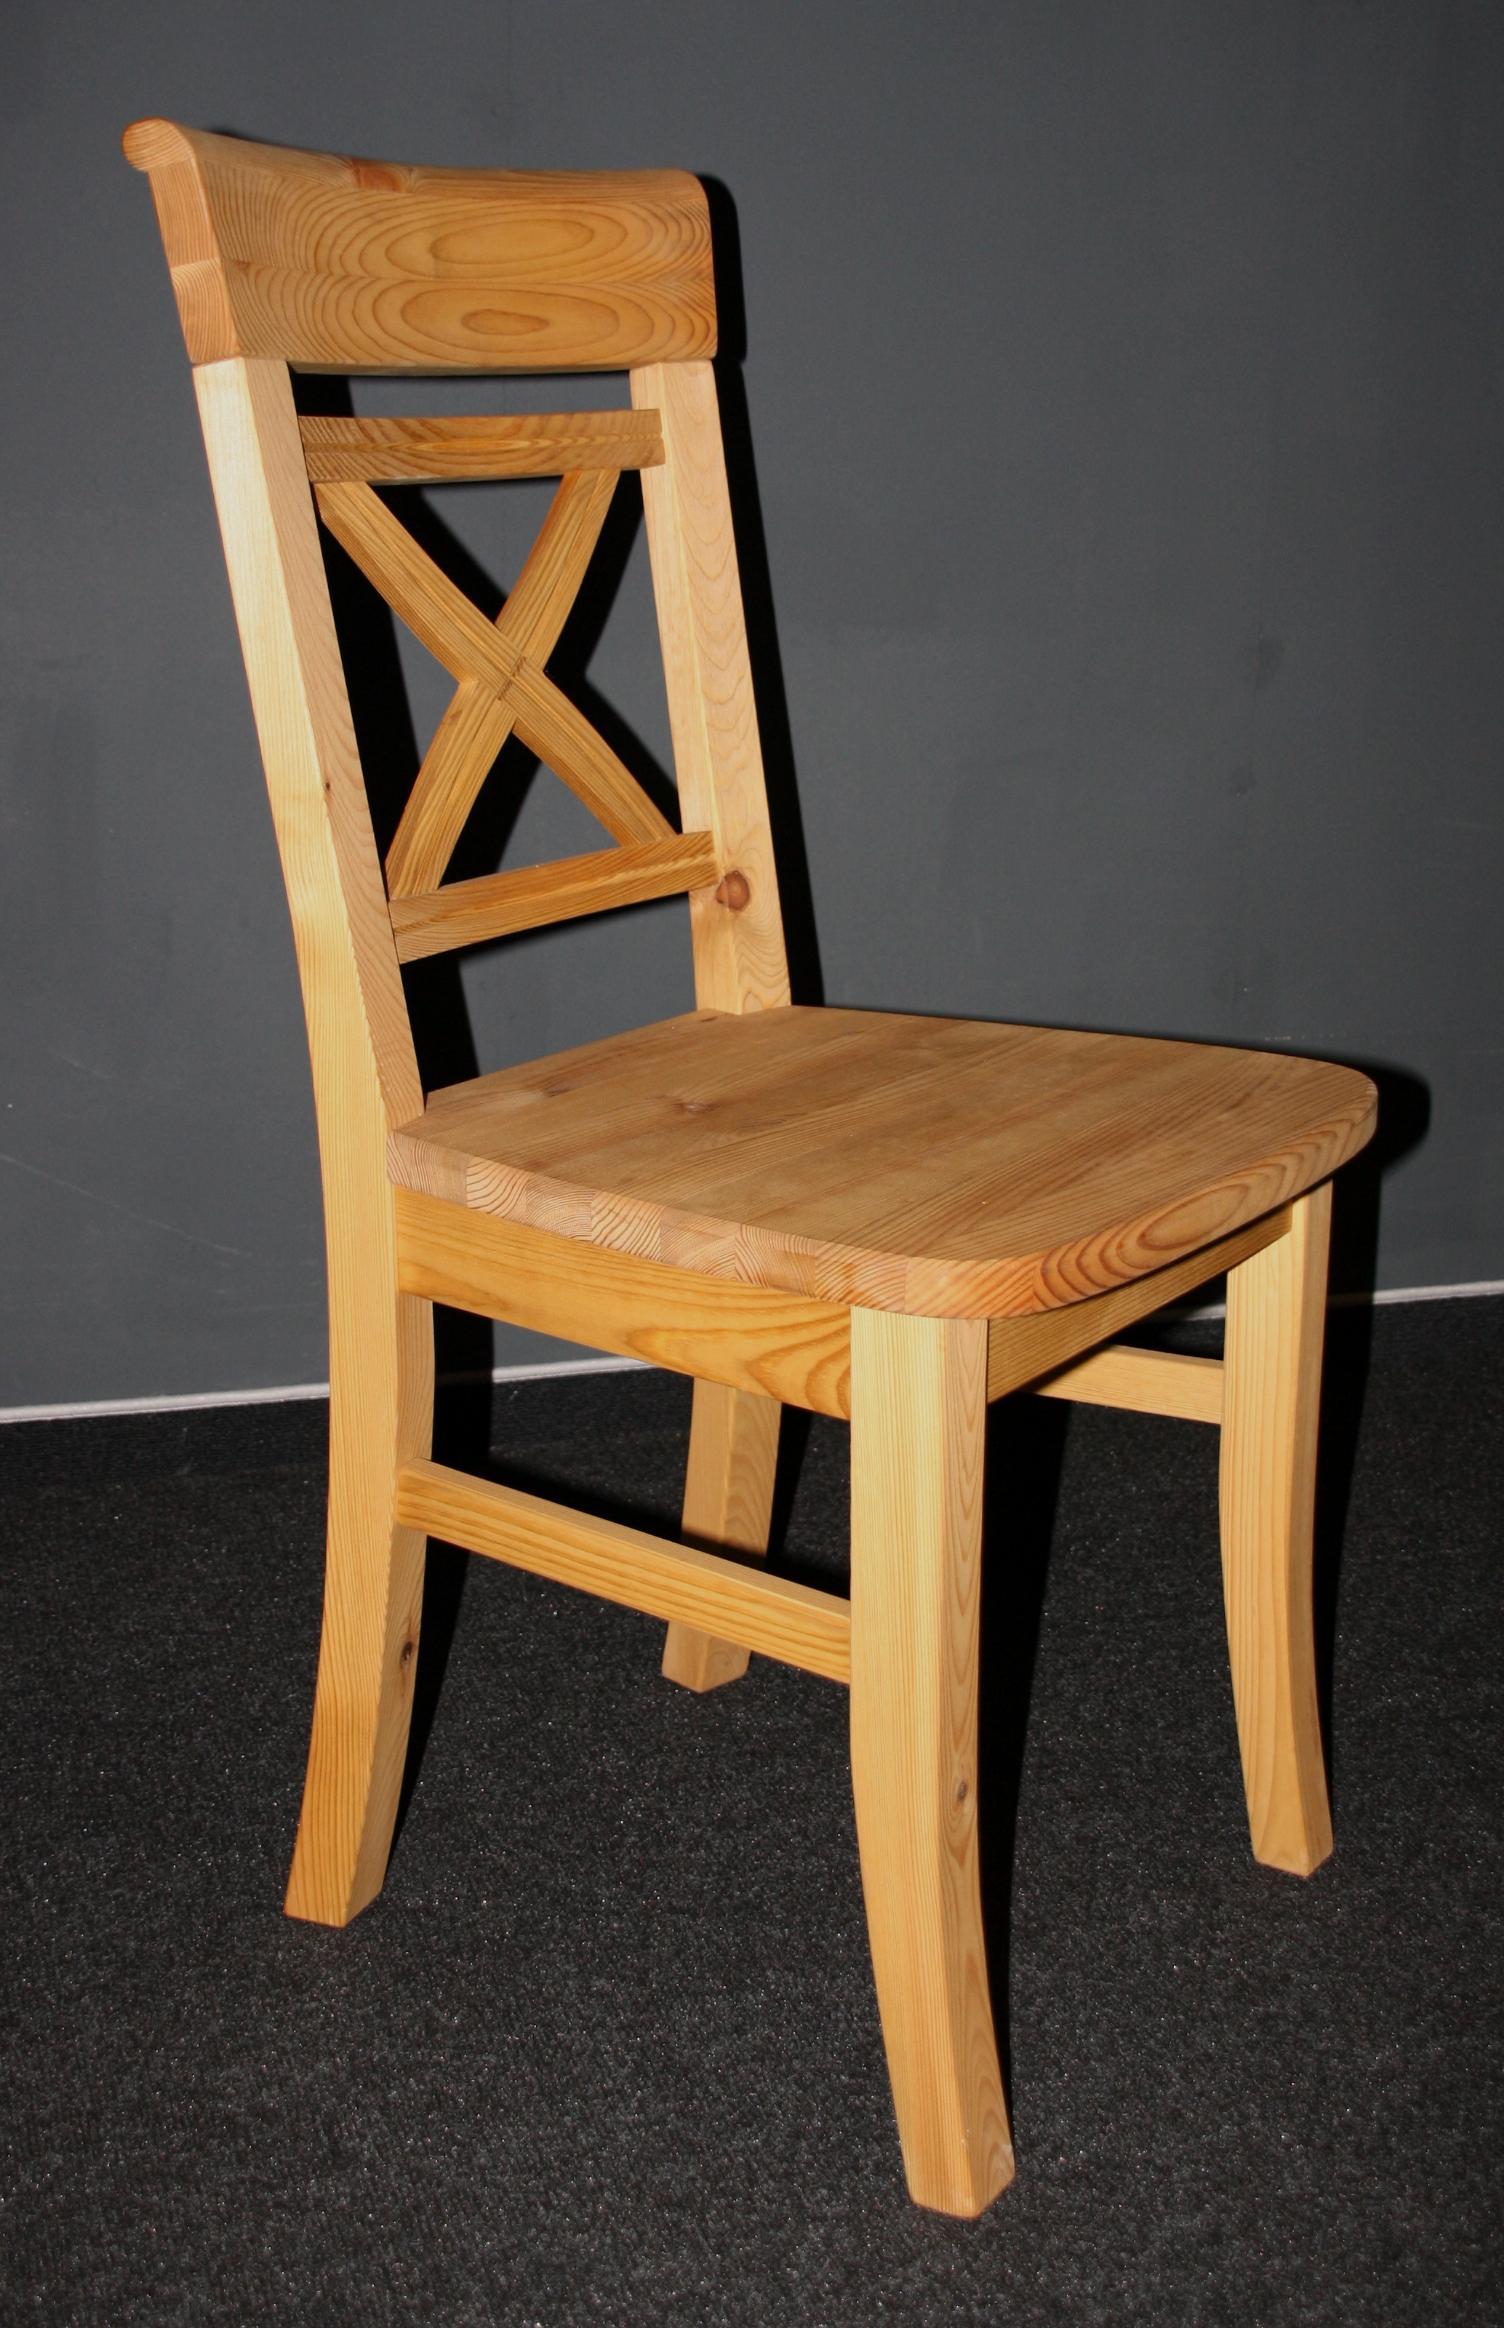 Landhaus Tisch mit Stühle gebeizt-geölt Kiefer massiv bei Casa de mobila